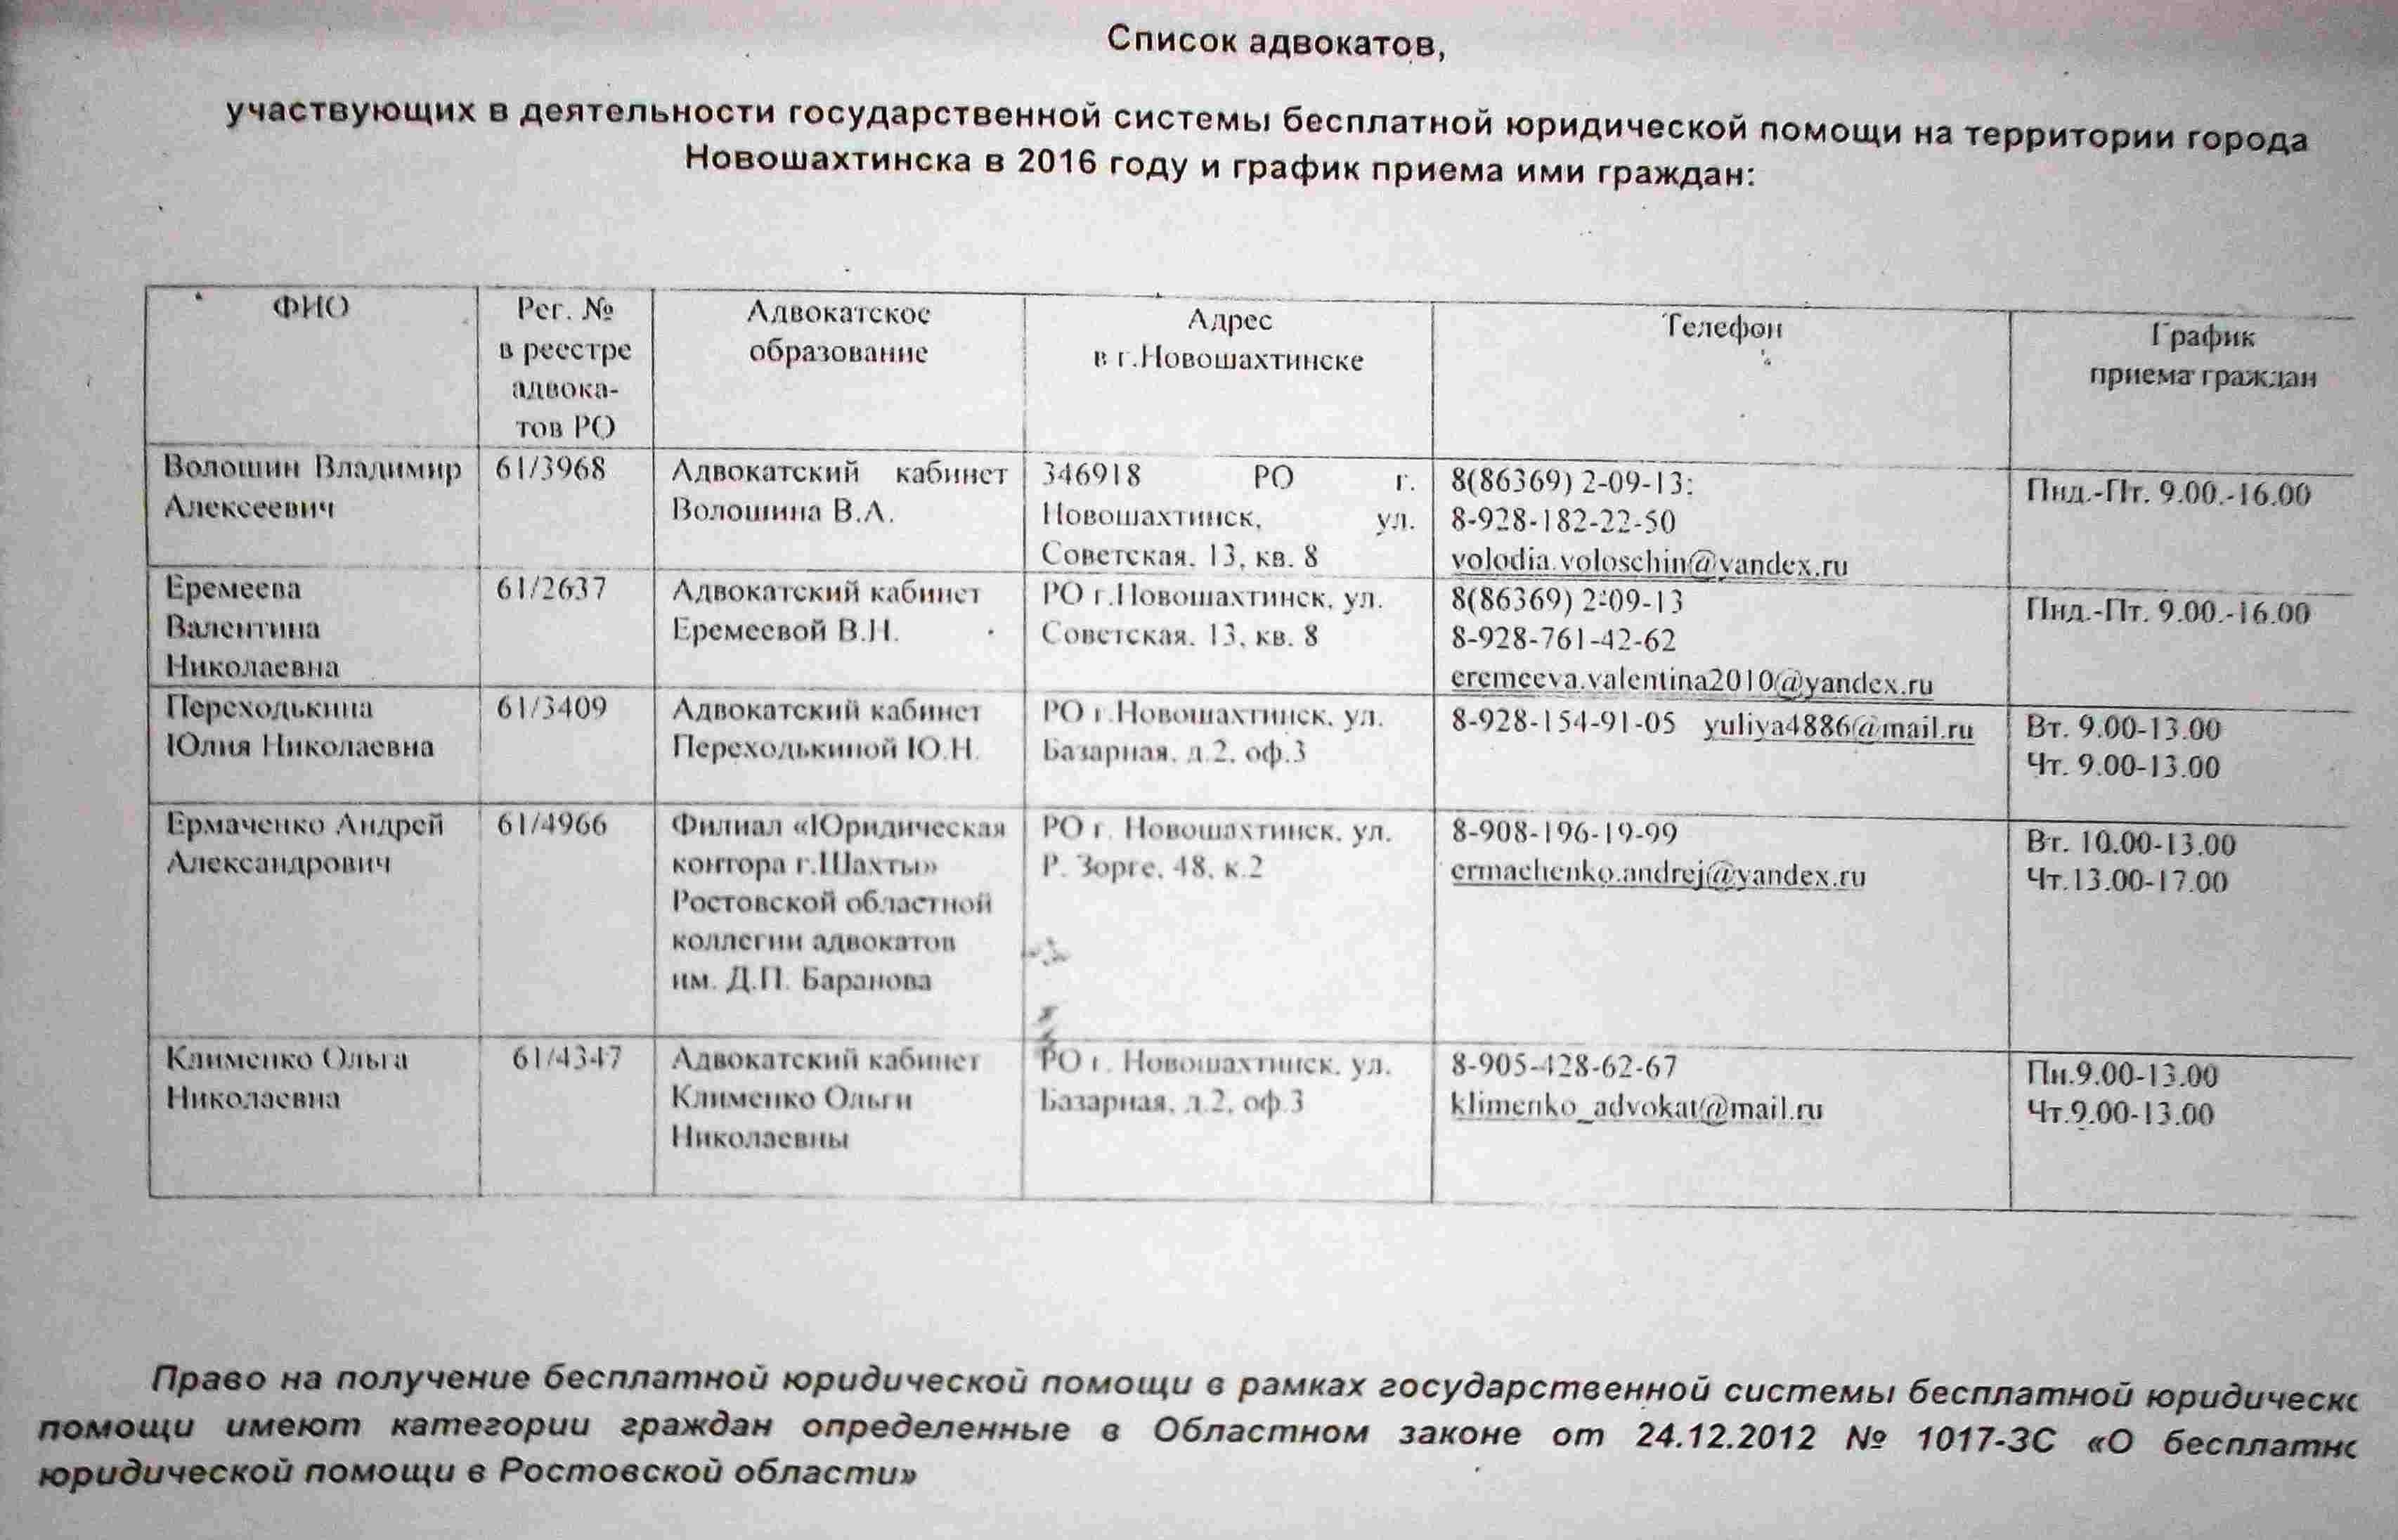 spisok-advokatov-g-novoshaxtinska